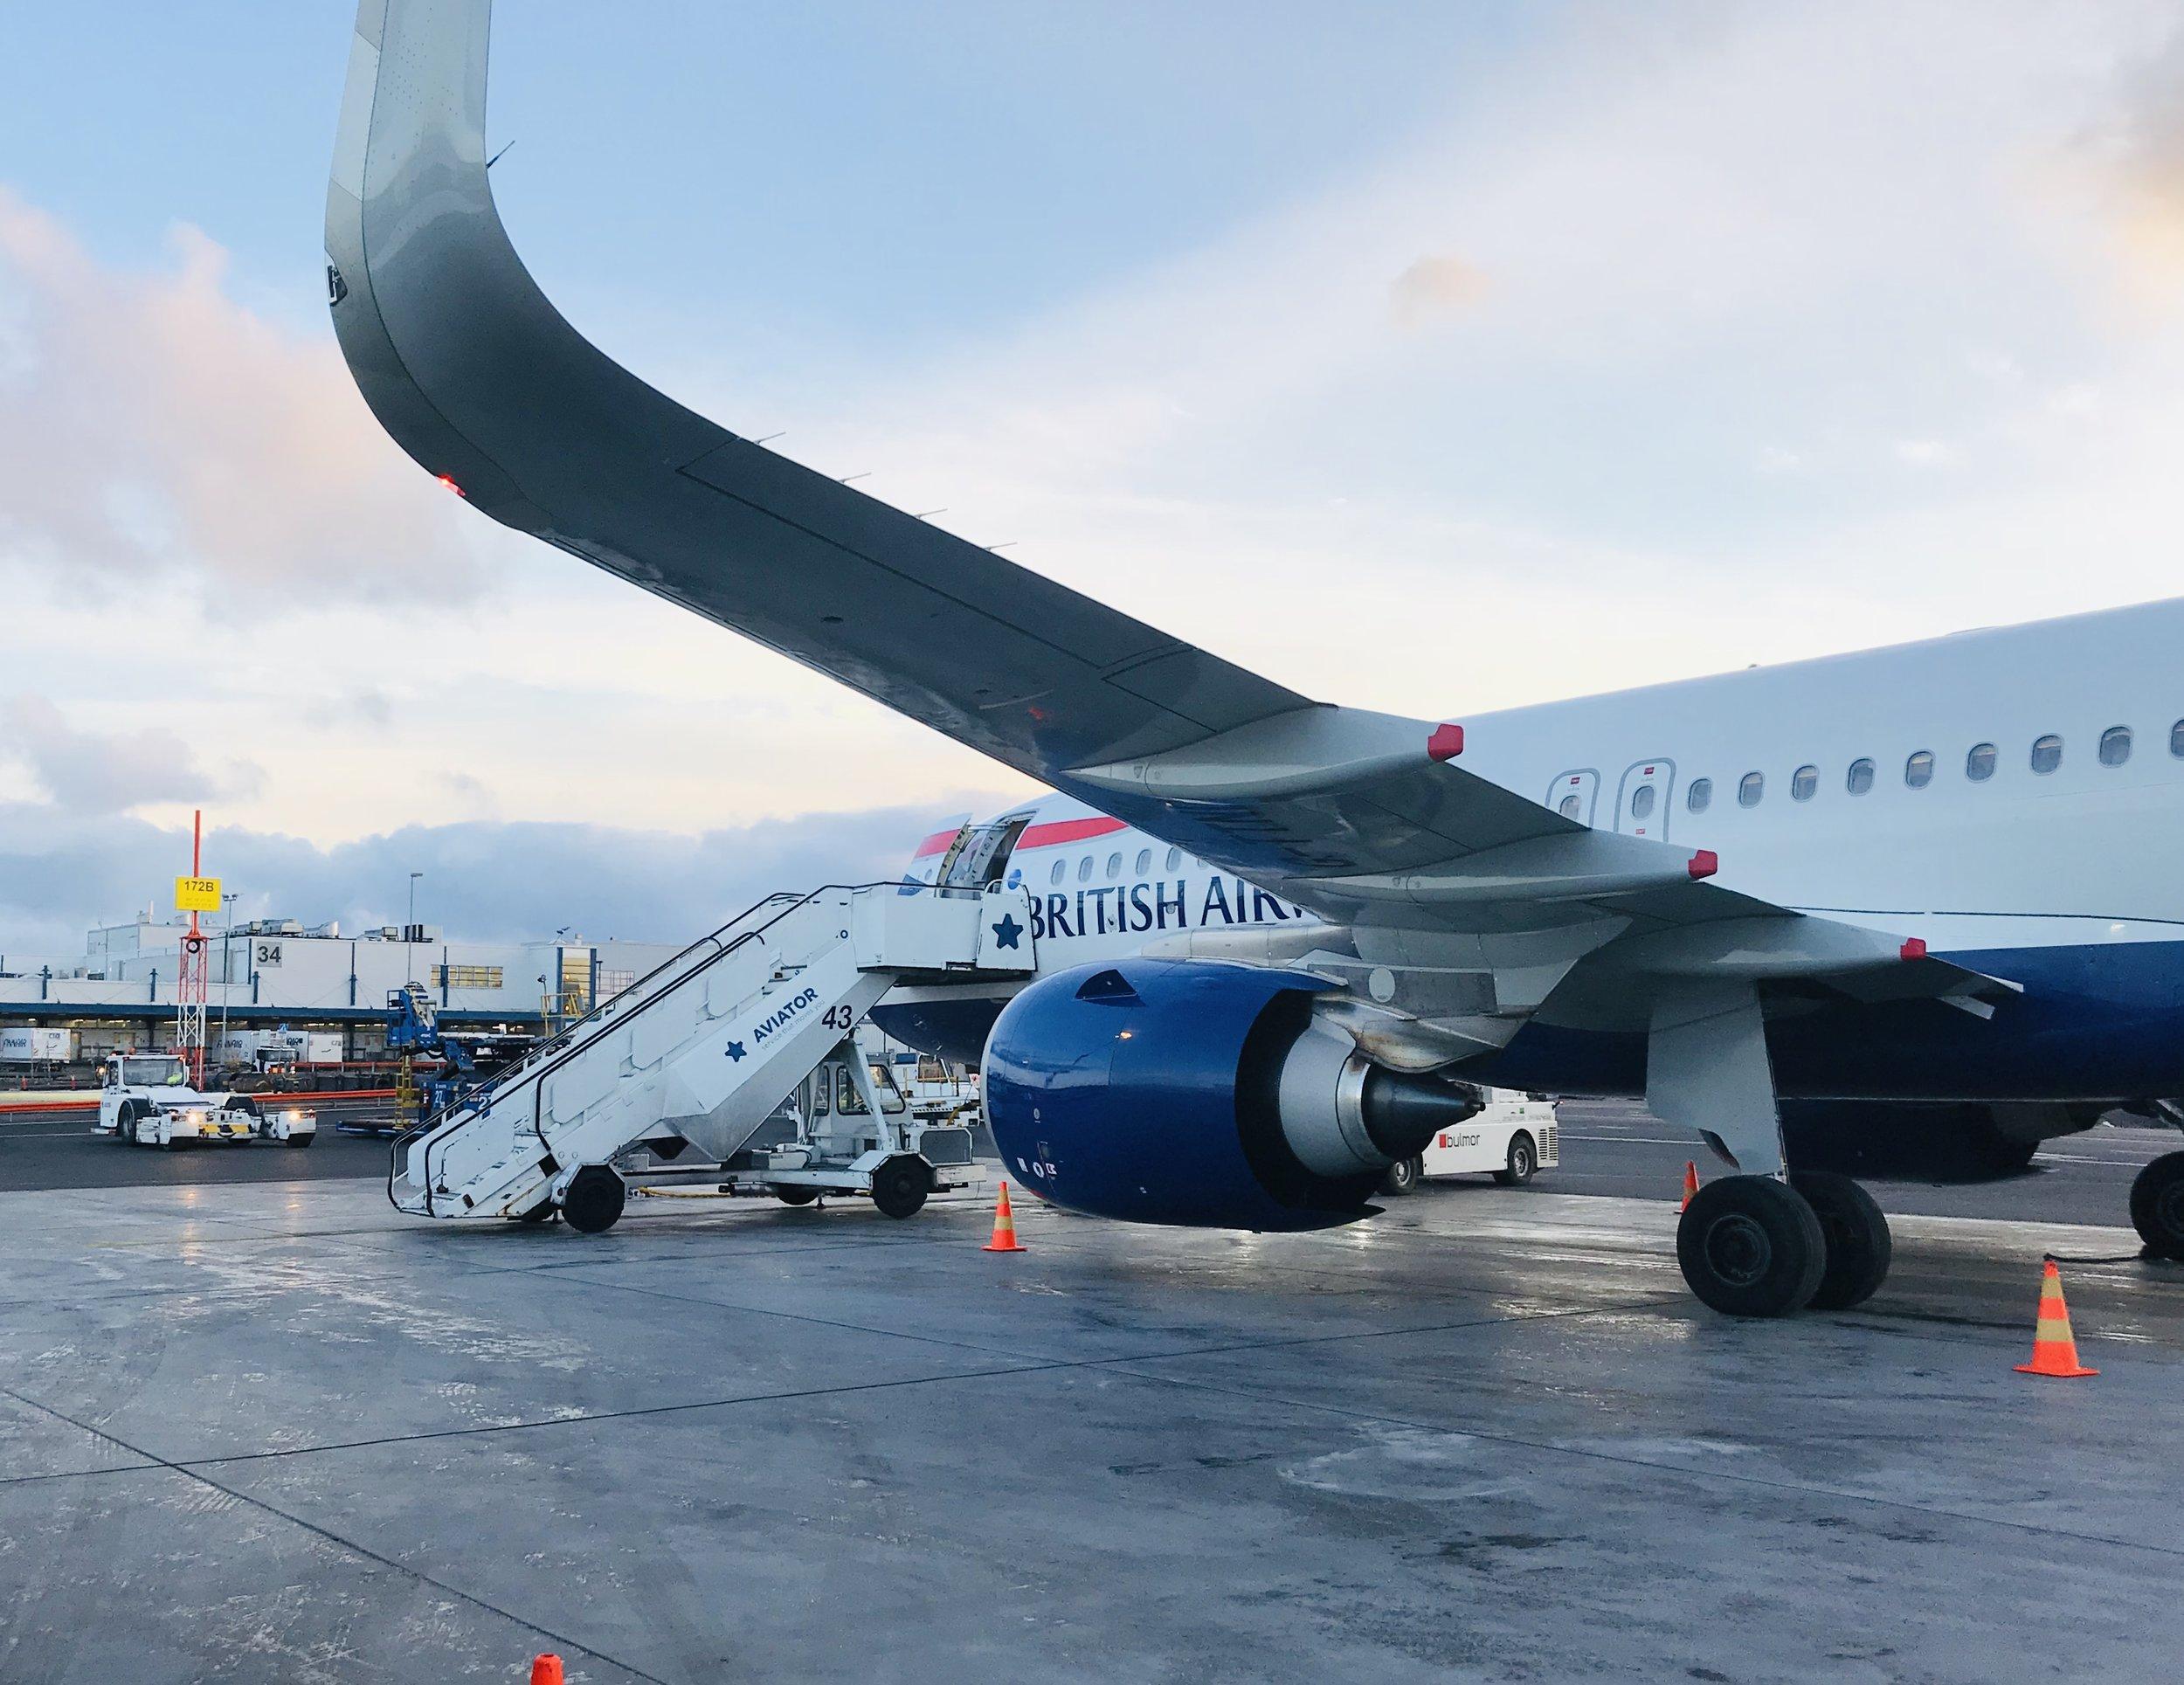 British Airways, A320neo